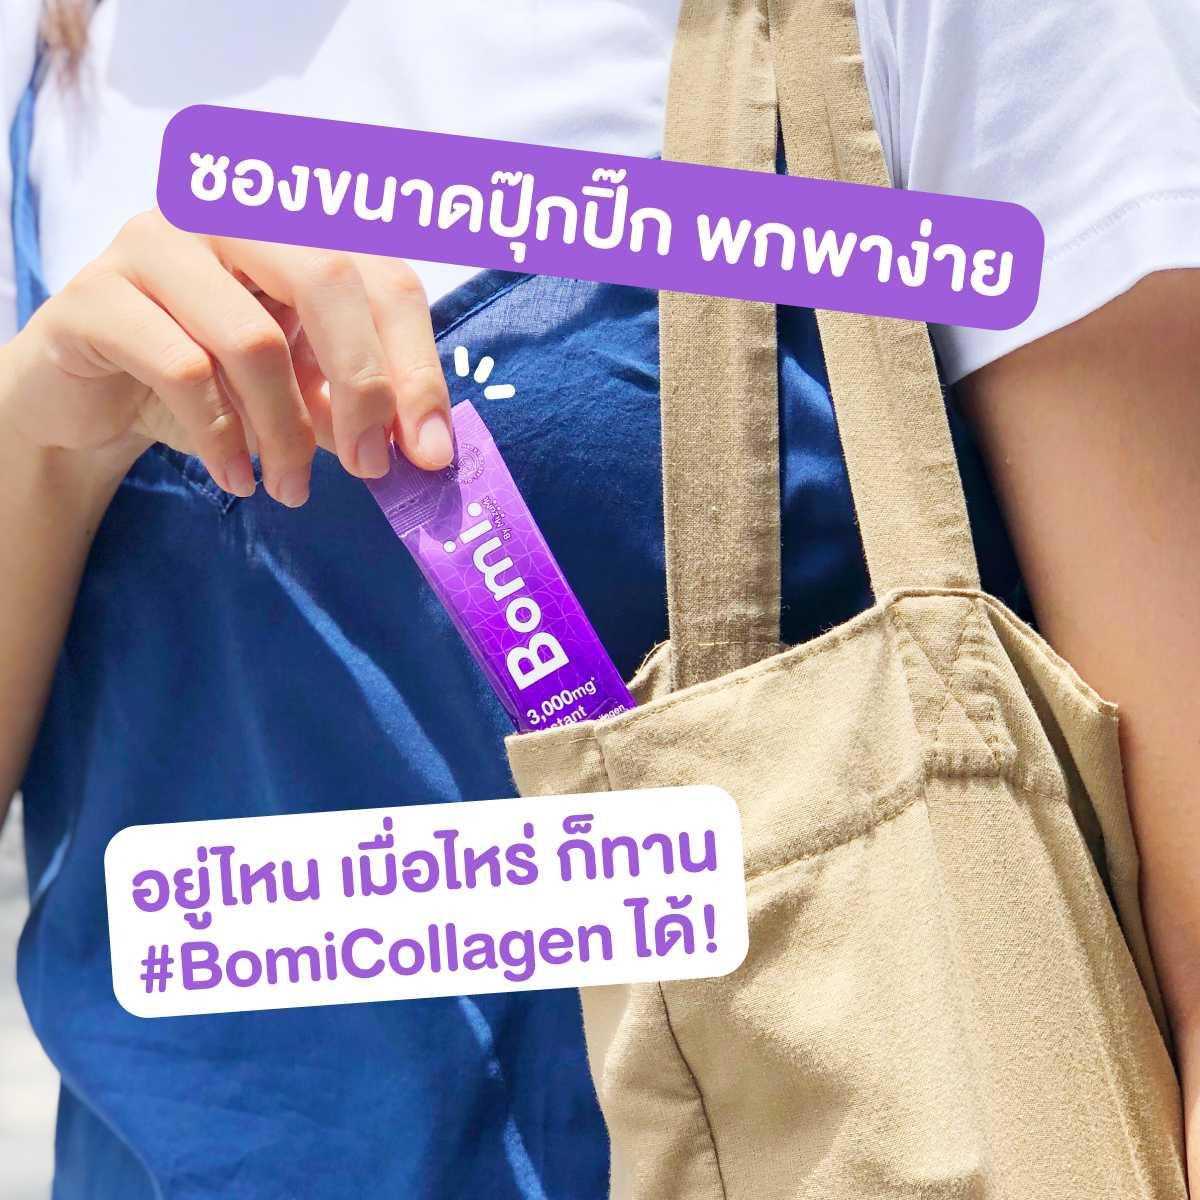 Bomi Collagen